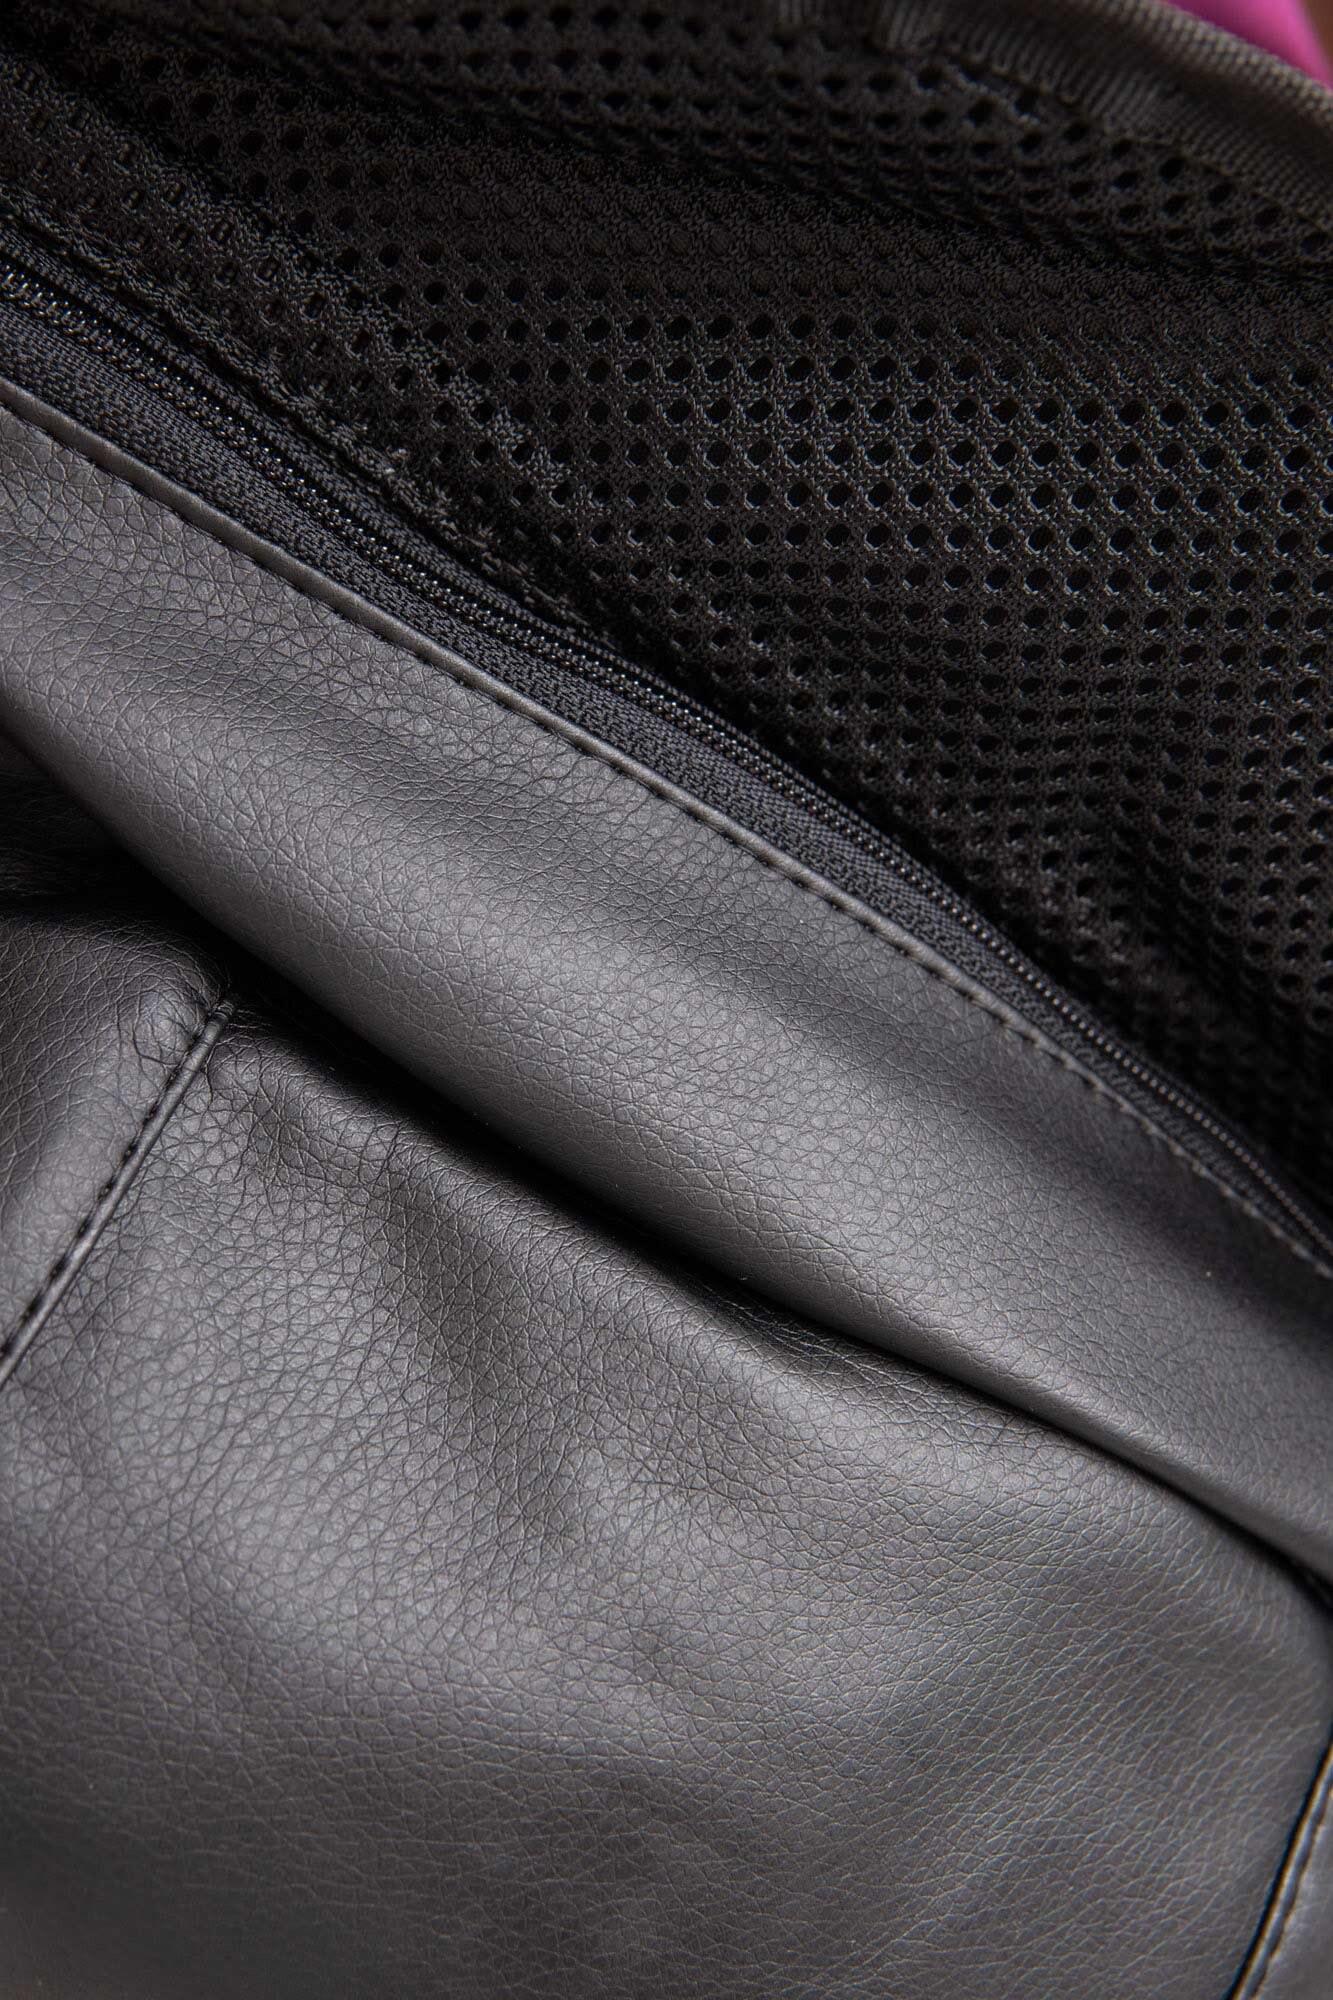 Прямоугольная сумка на пояс бананка черного цвета с клапаном - Фото 6